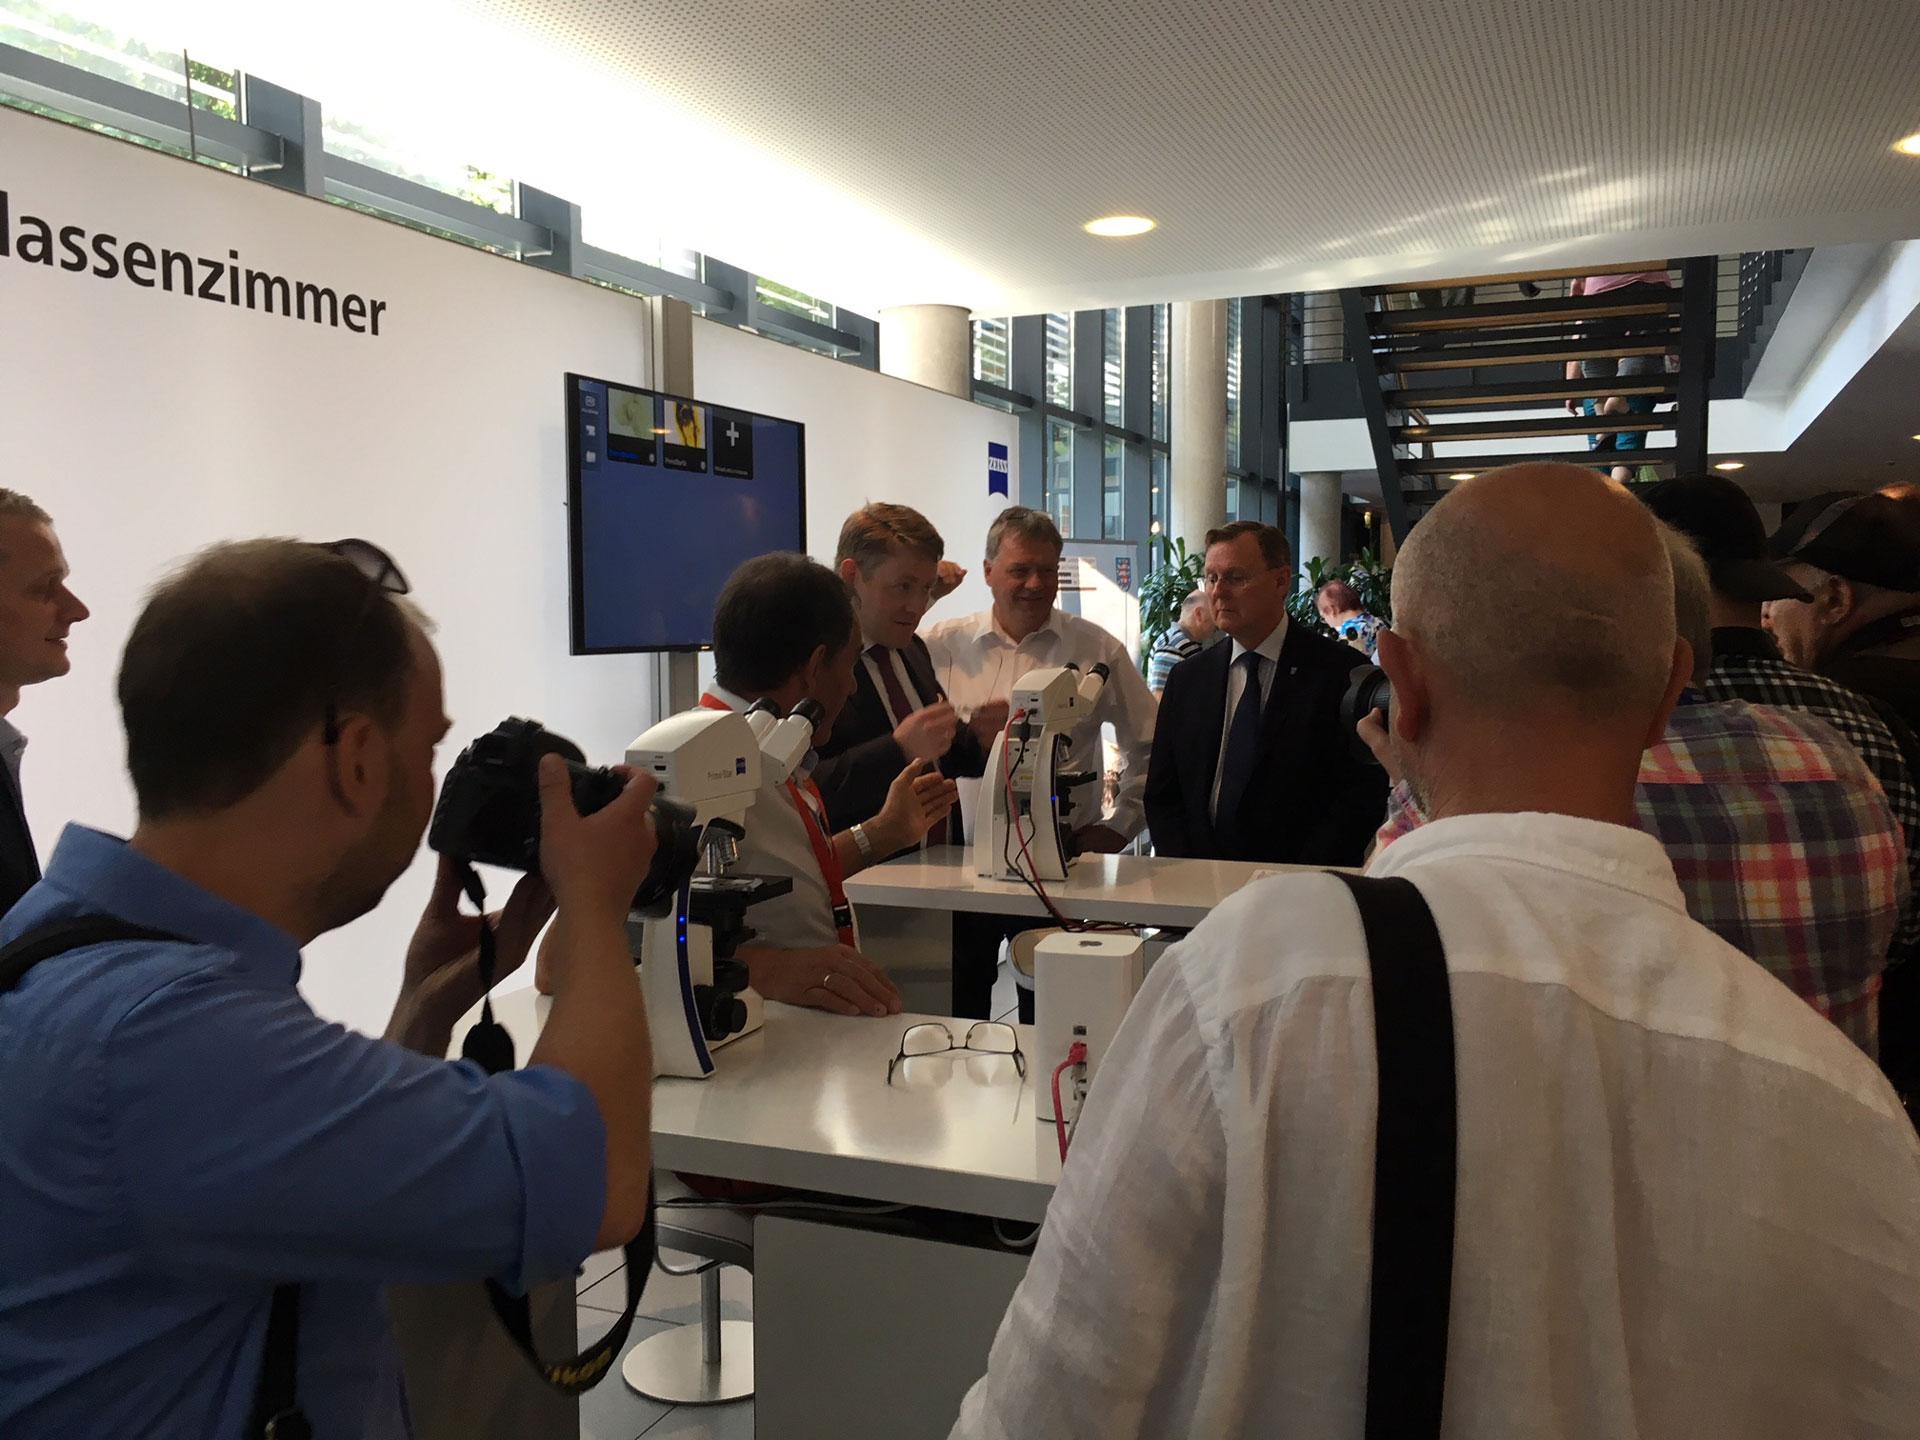 Der Landtagspräsident Christian Carius und der Thüringer Ministerpräsident Bodo Ramelow zu Gast am ZEISS Stand.